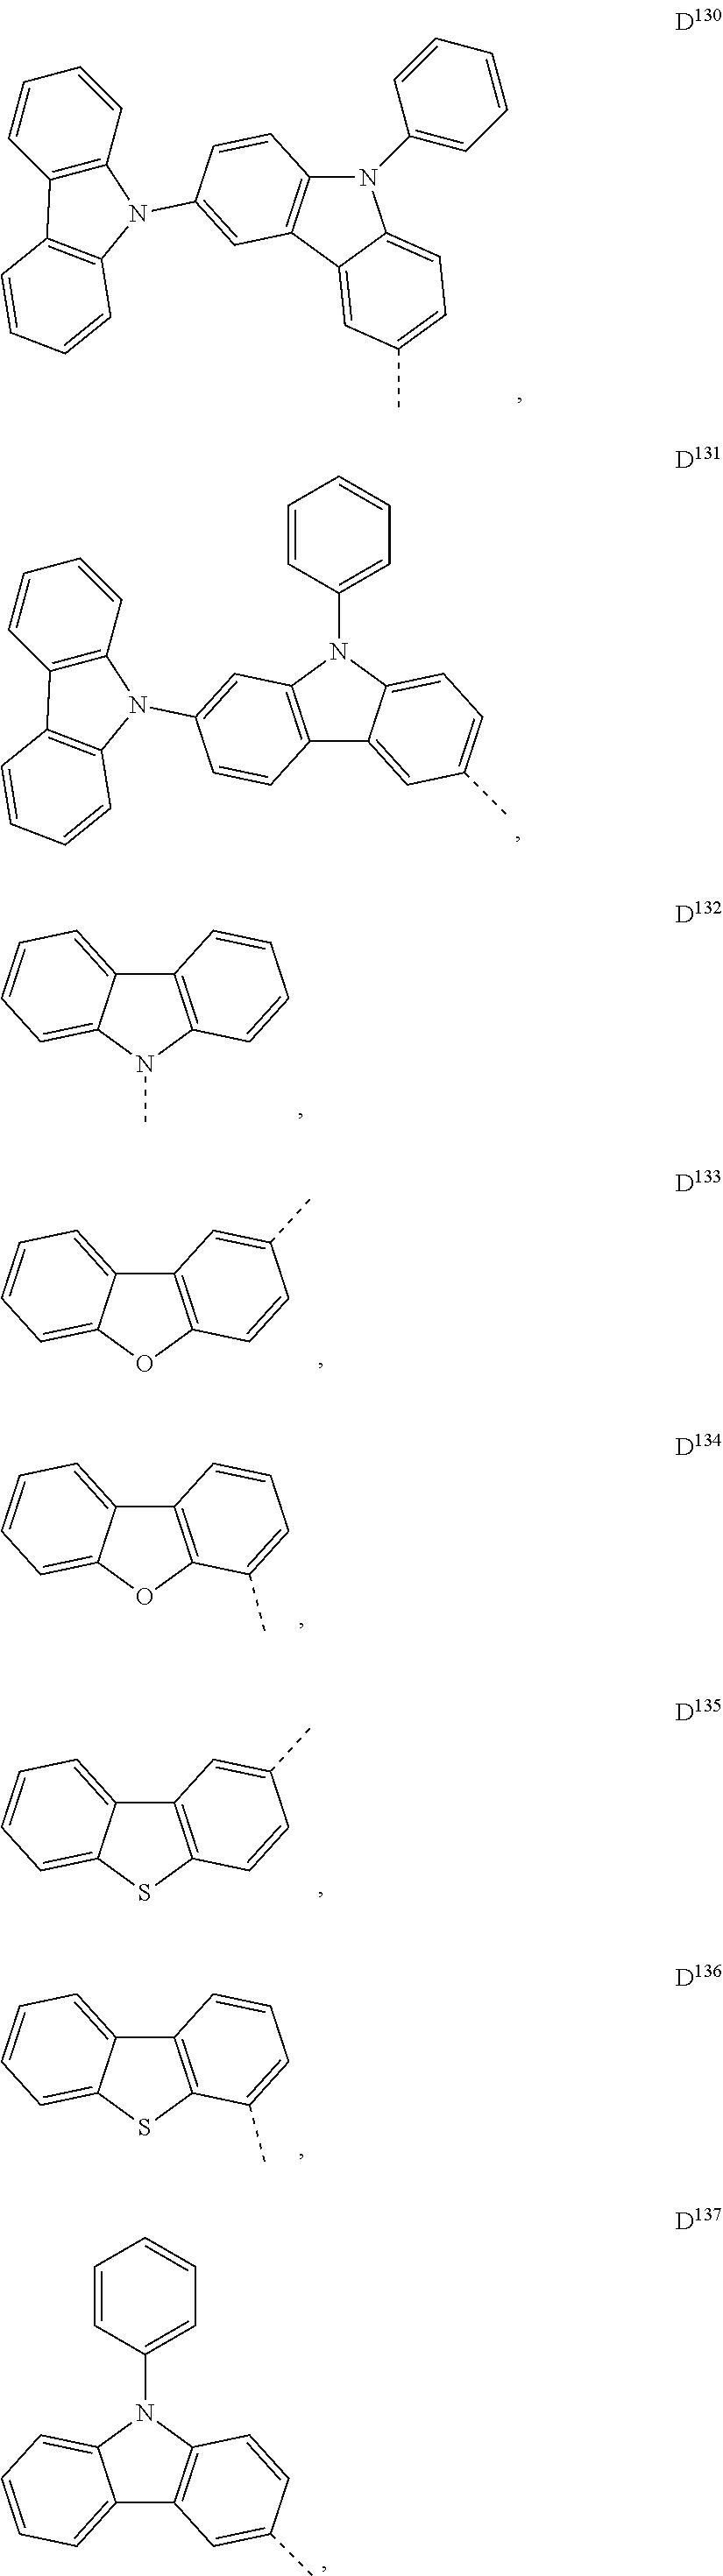 Figure US09209411-20151208-C00035